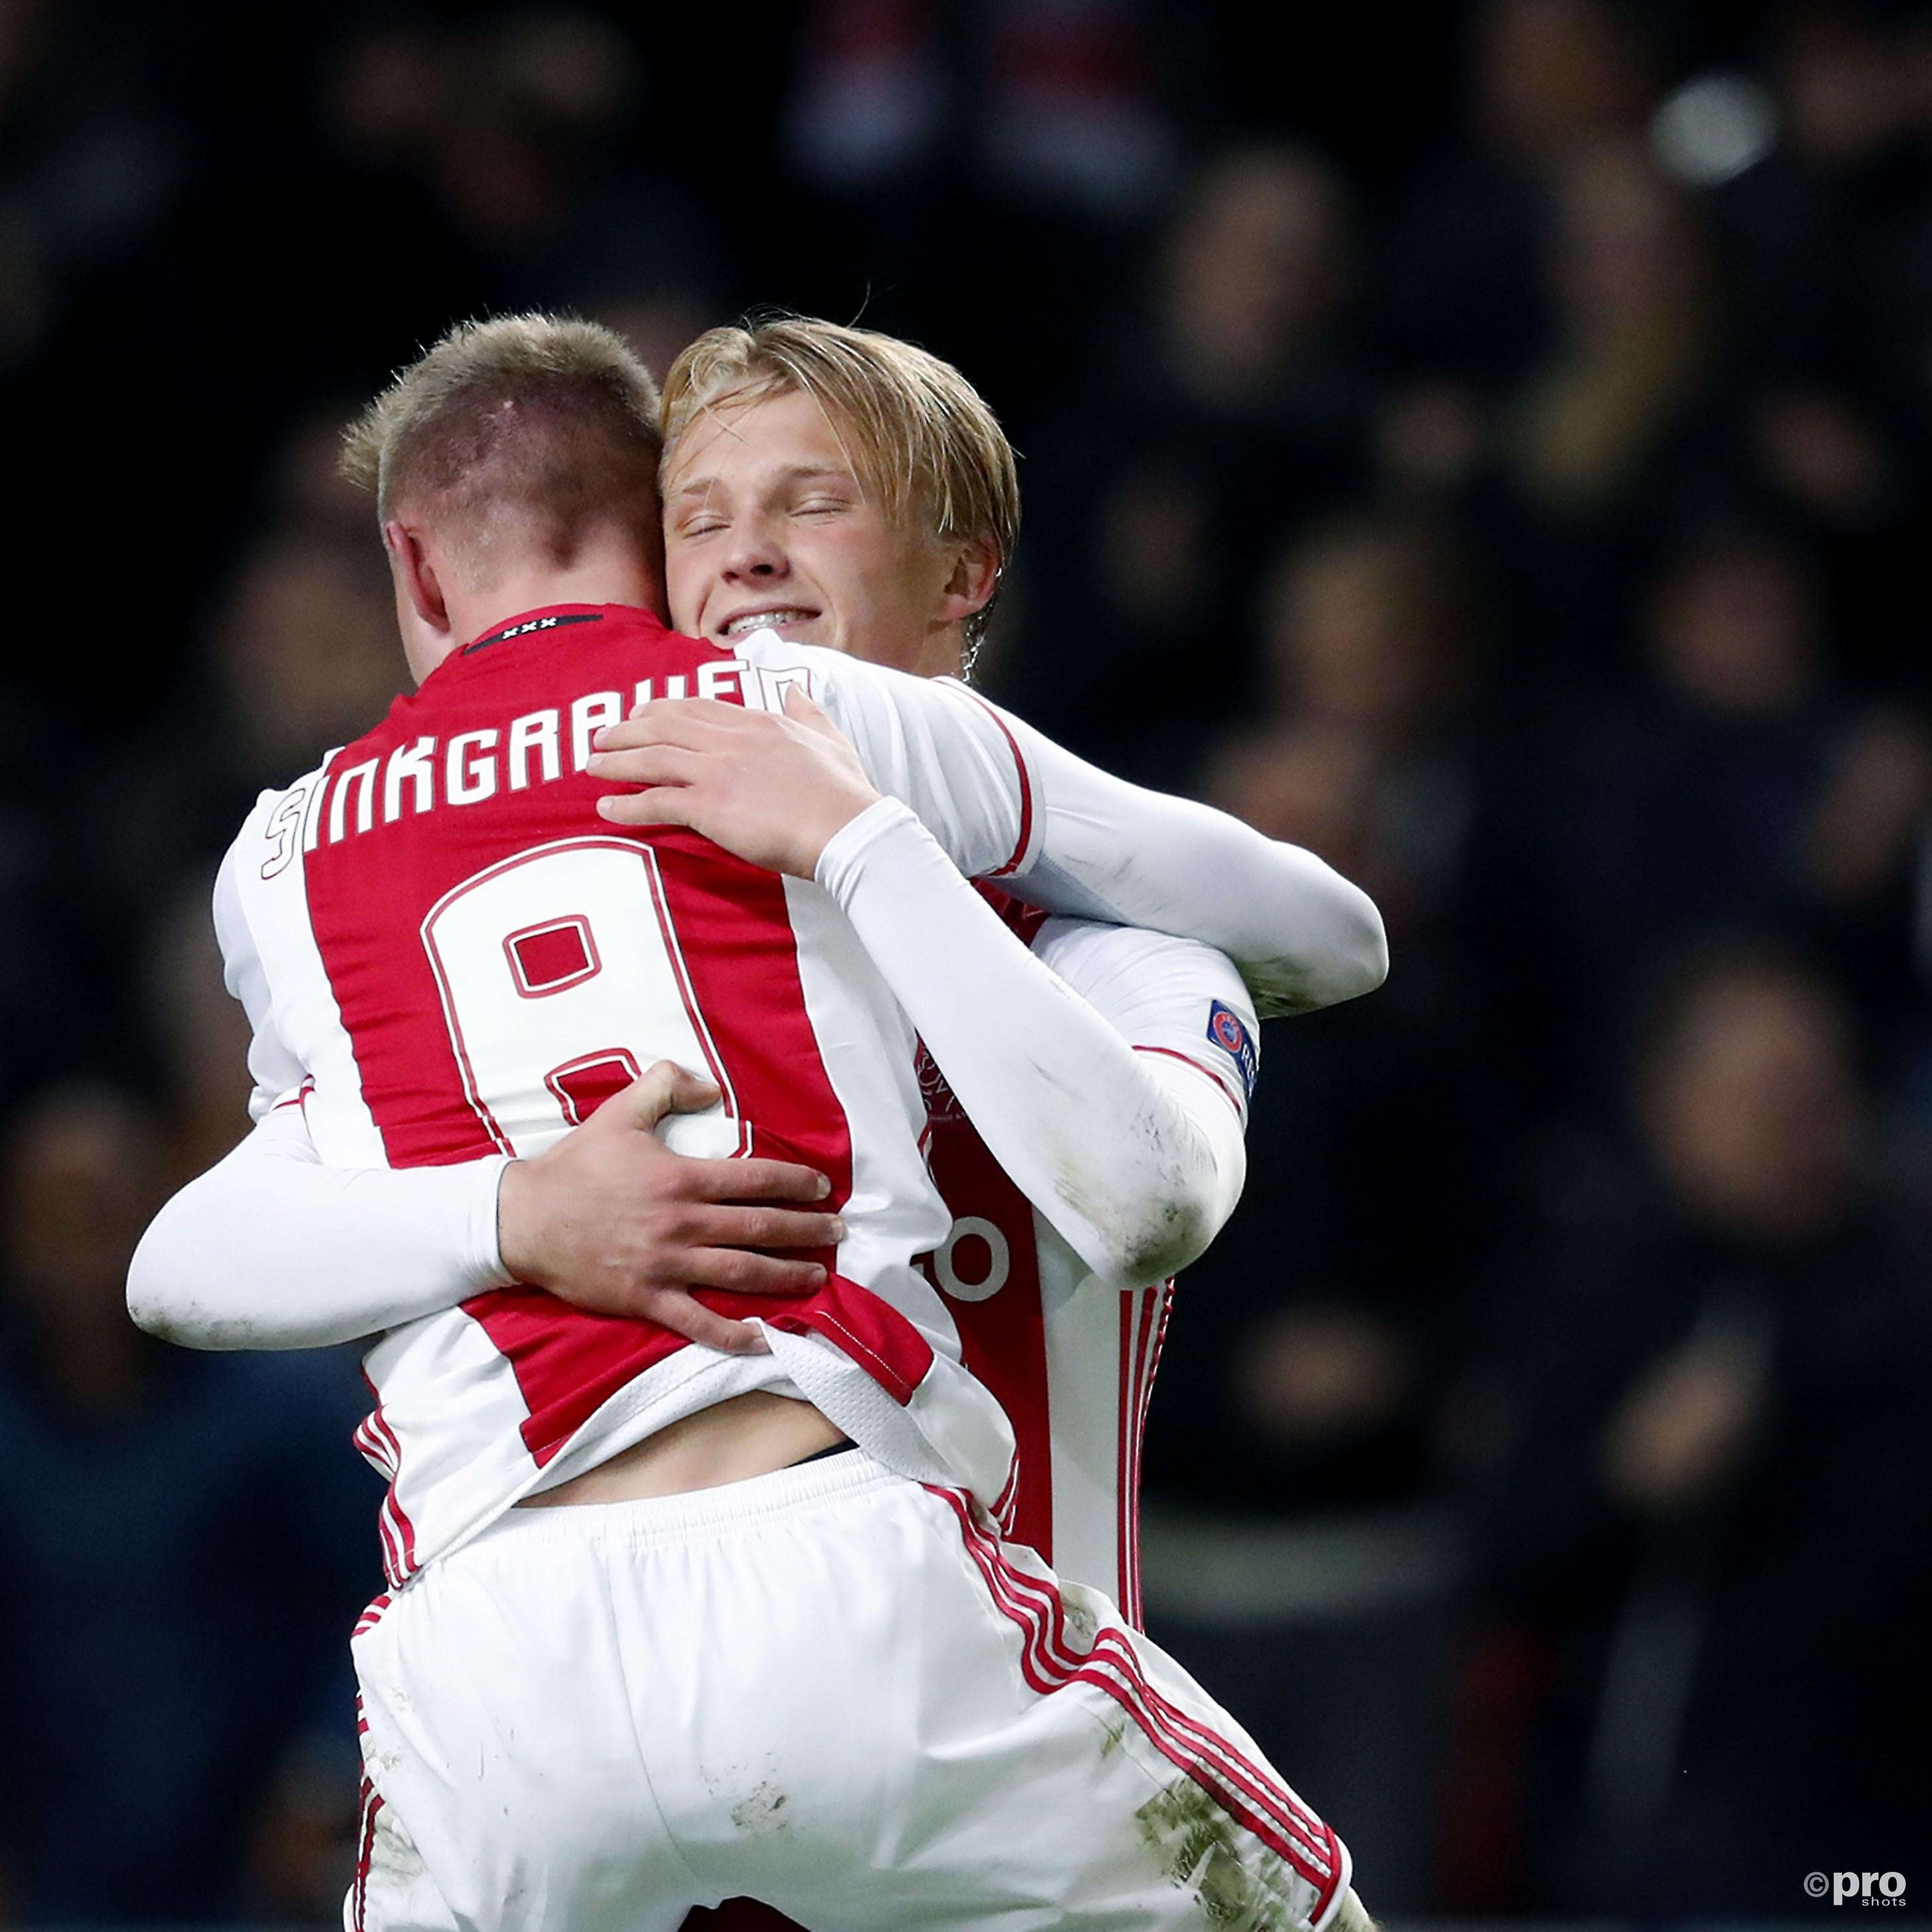 Sinkgraven feliciteert Dolberg met zijn goal. (PRO SHOTS/Henk Jan Dijks)